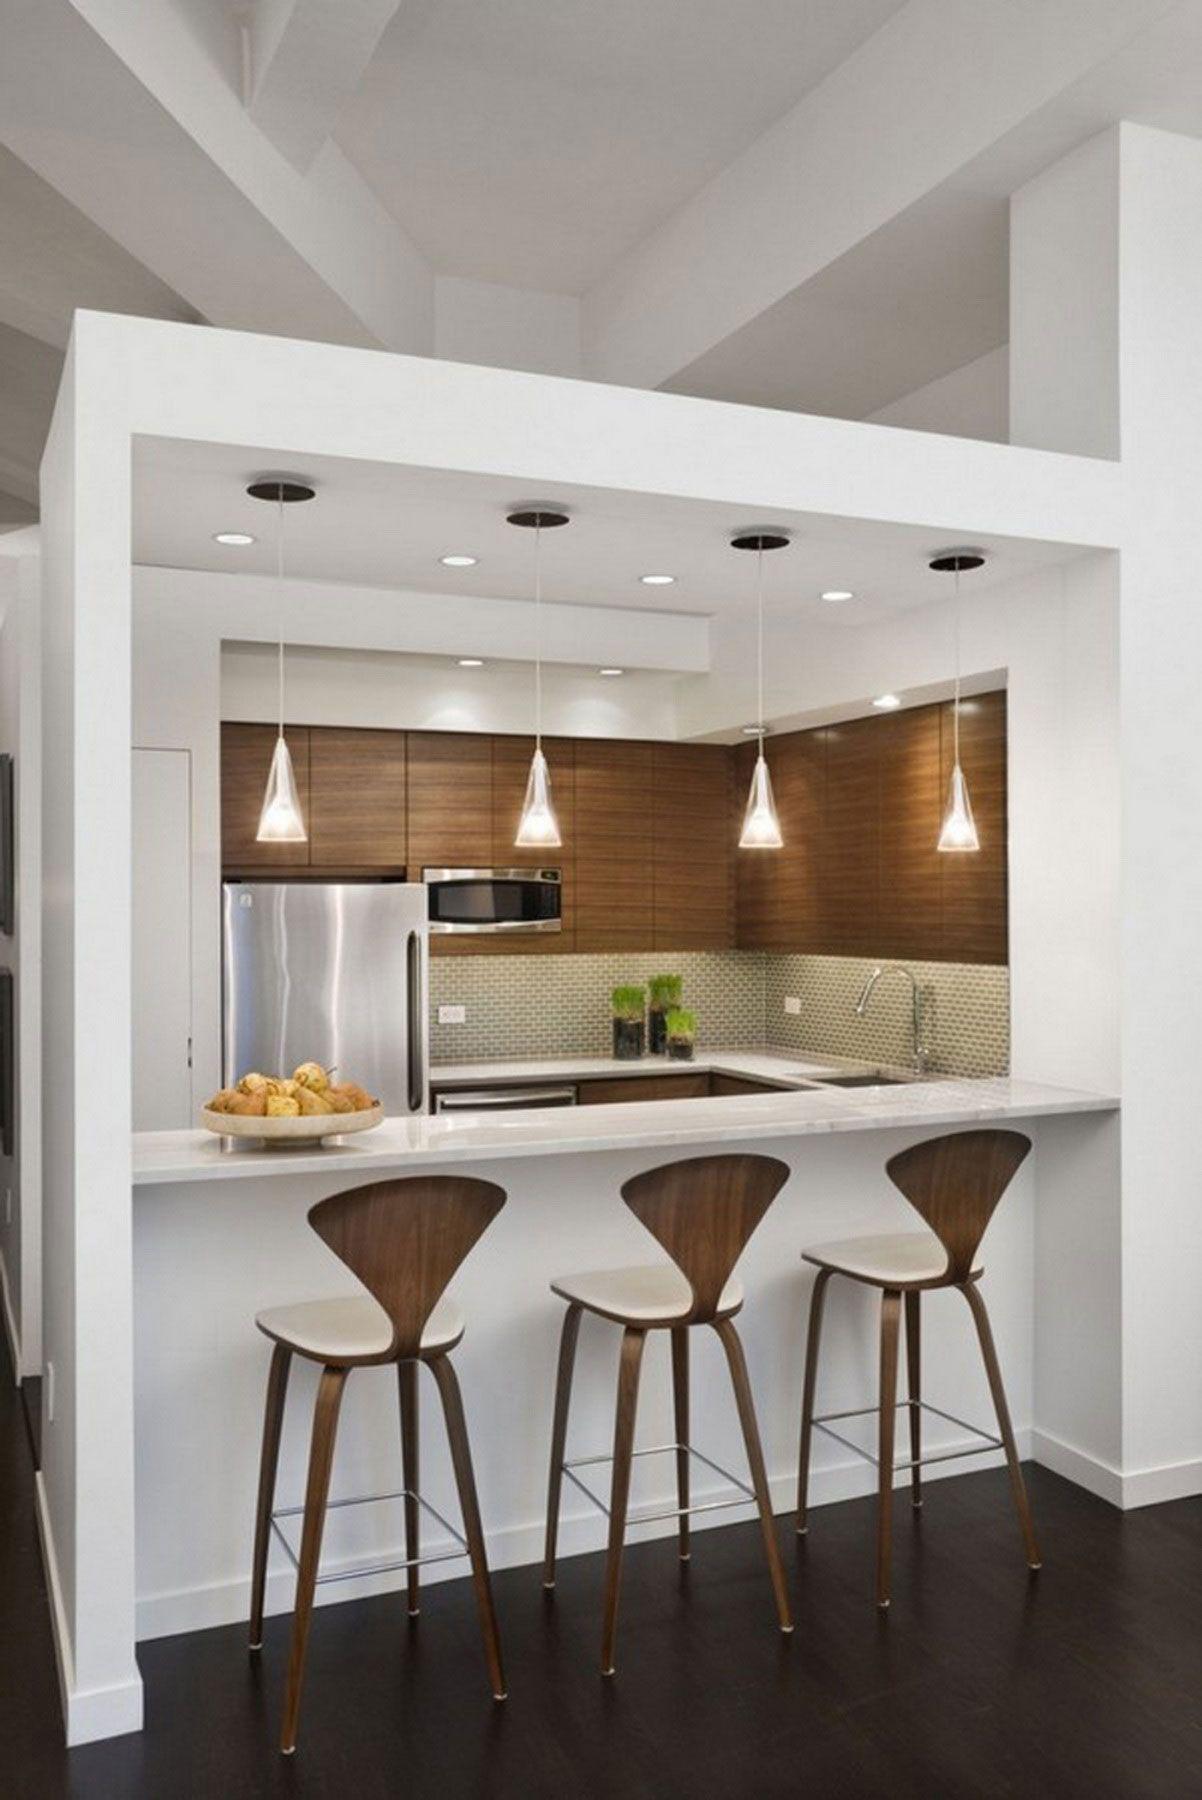 Kitchen Kitchen Bar Design Small Modern Kitchens Kitchen Remodel Small